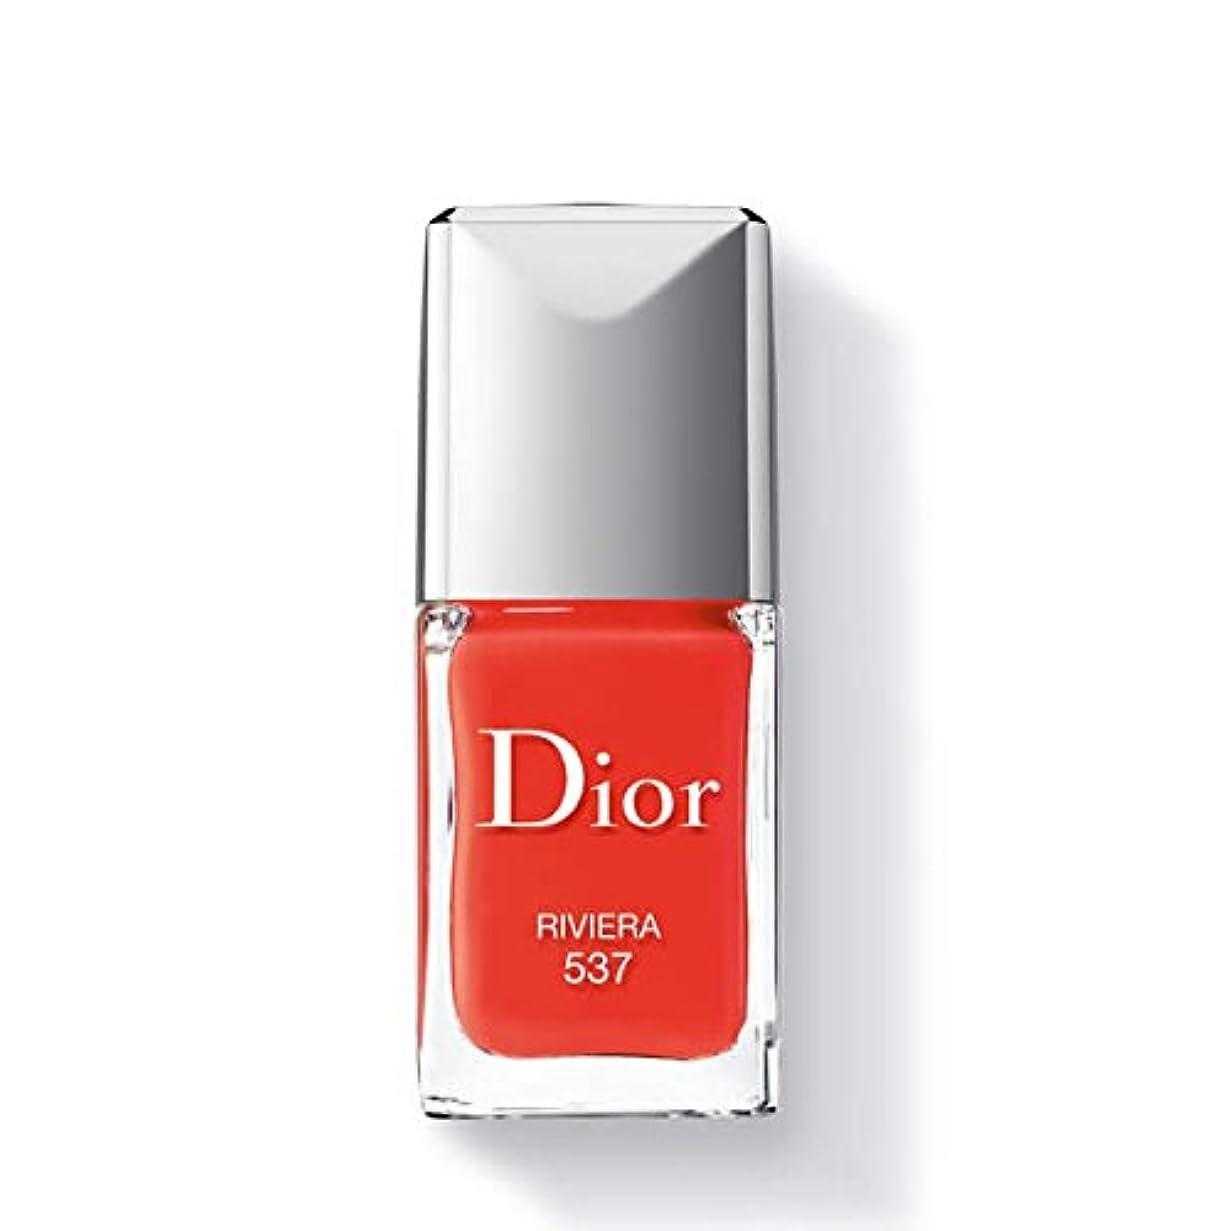 わざわざひも一口Dior ディオールヴェルニ #537 リヴィエラ 10ml [208031] [並行輸入品]